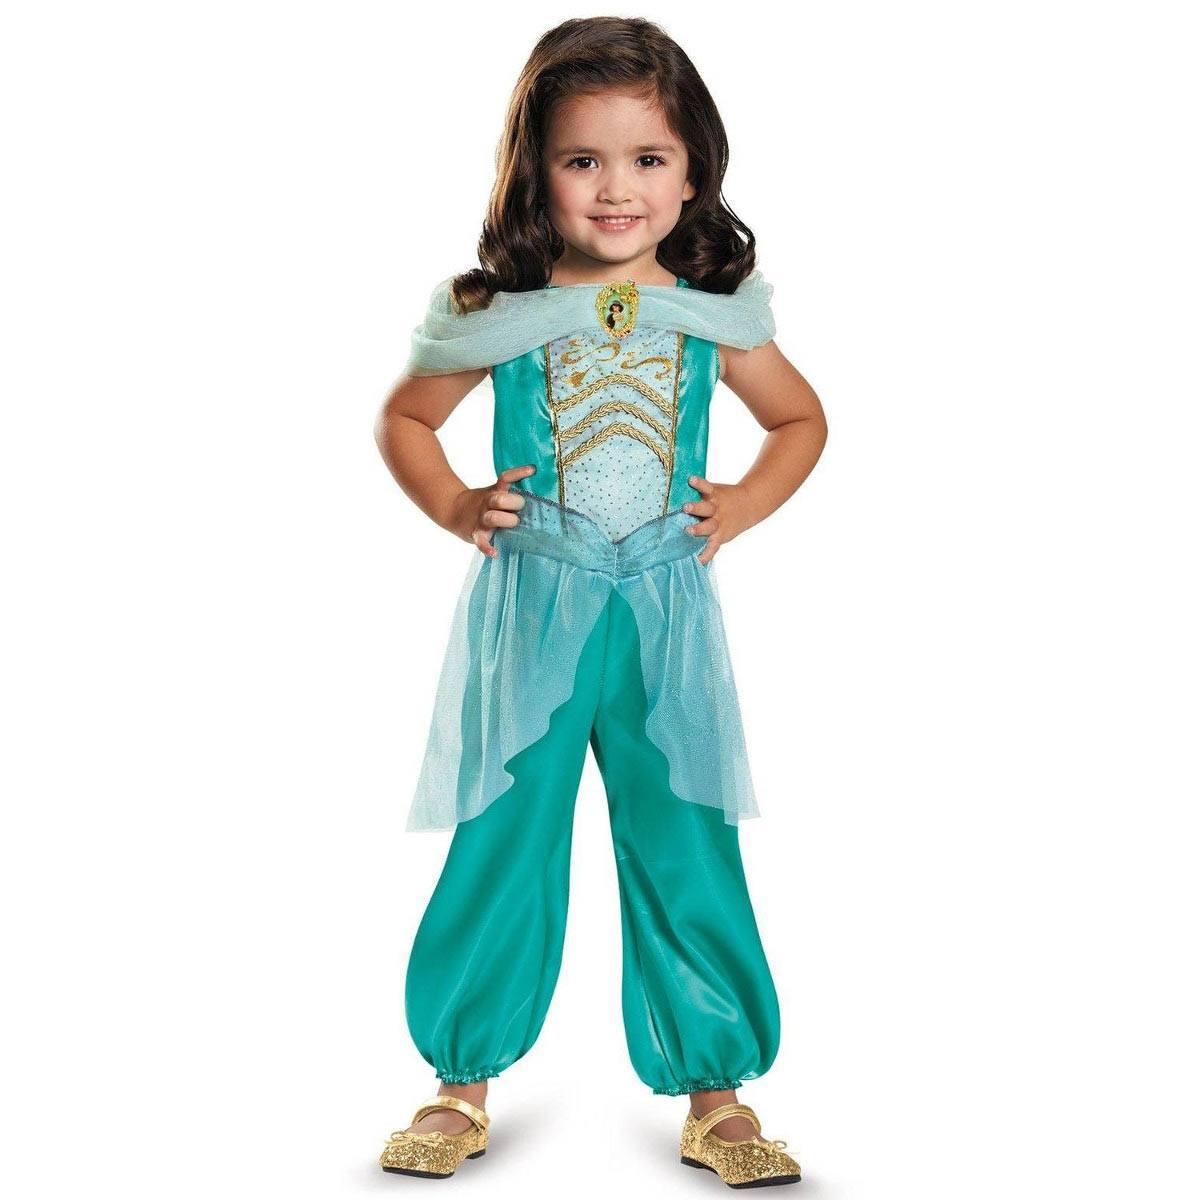 アラジン ジャスミン 幼児用 キッズ 衣装 コスプレ ハロウィン ディズニー Disney Alladin